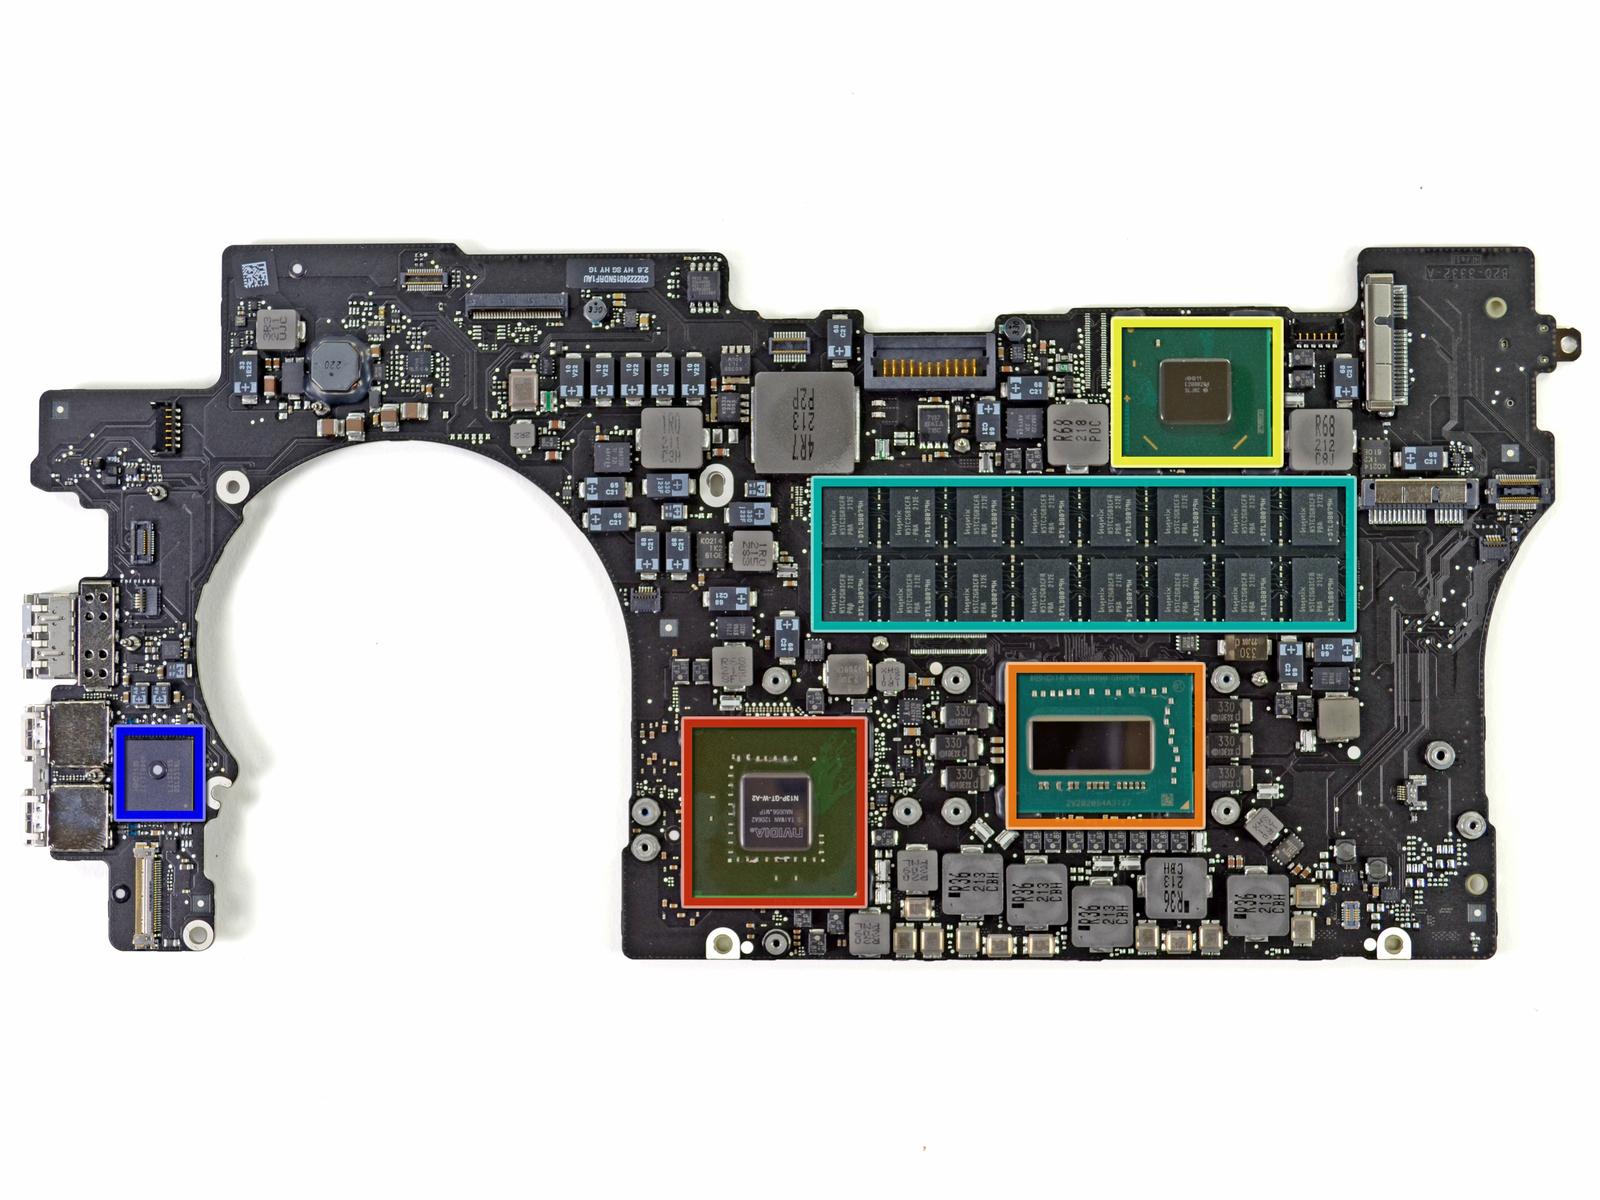 MacBook Pro Retina Display motherboard